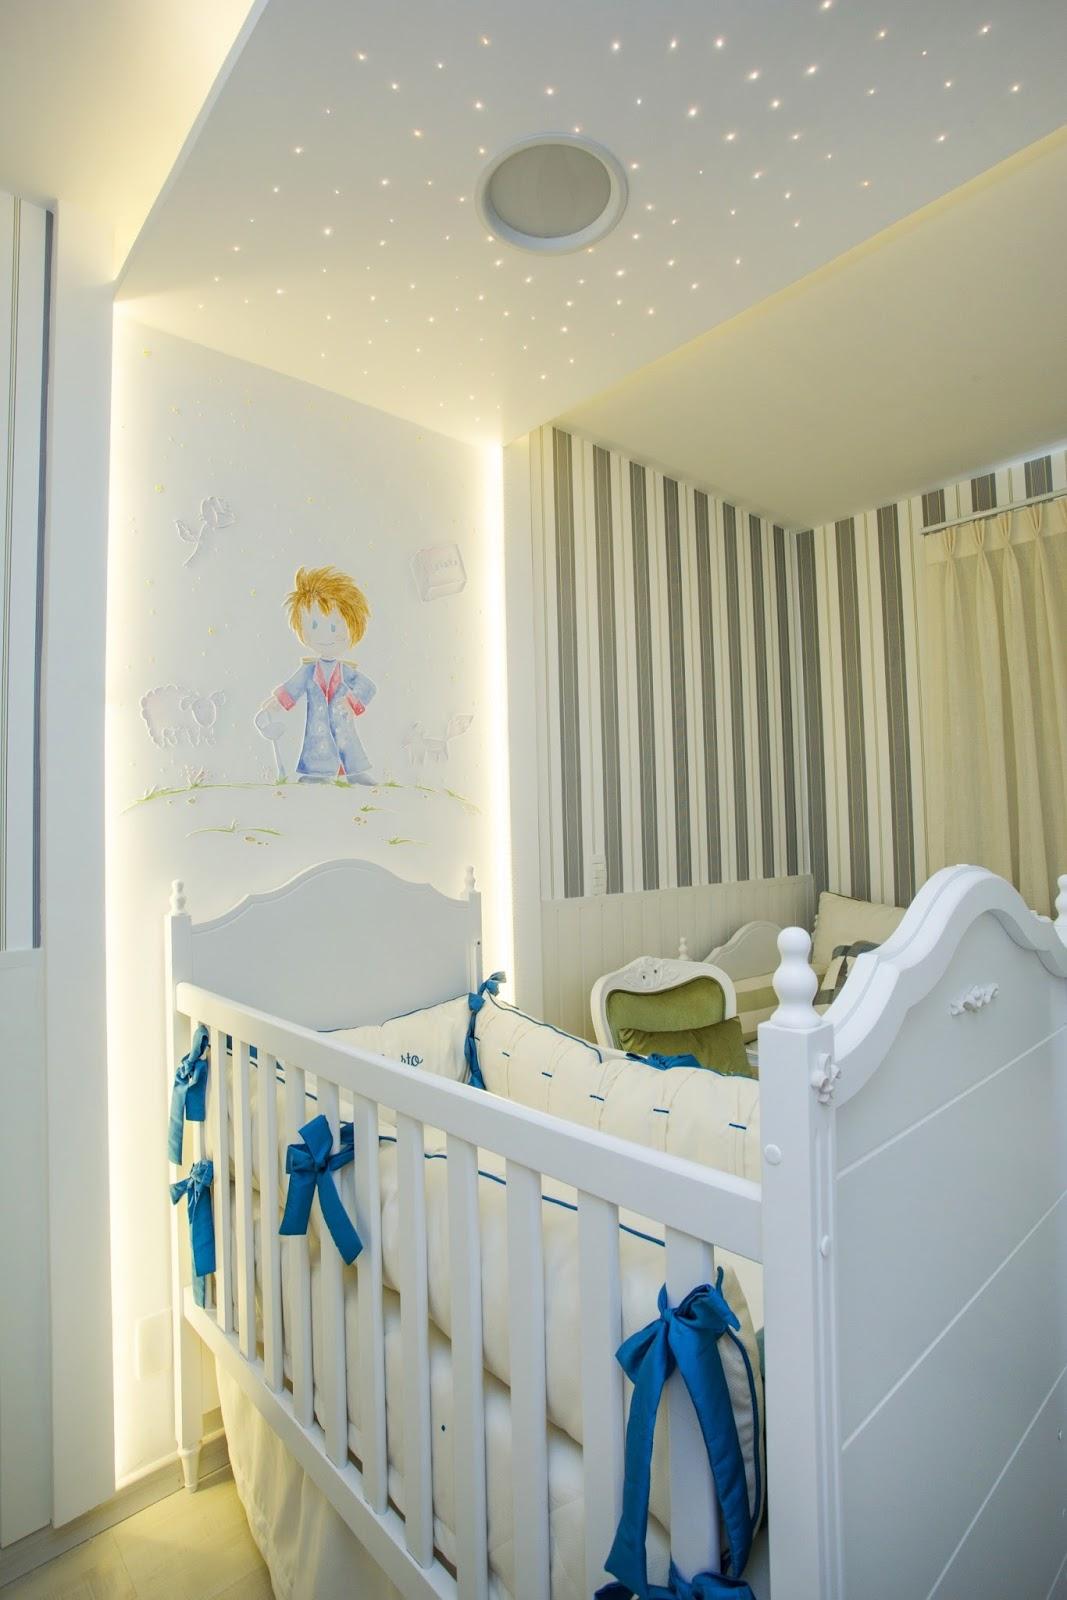 Quarto De Beb Com Fibra Tica Ilumina O Decorativa ~ Quarto De Bebe Decorado Com Gesso